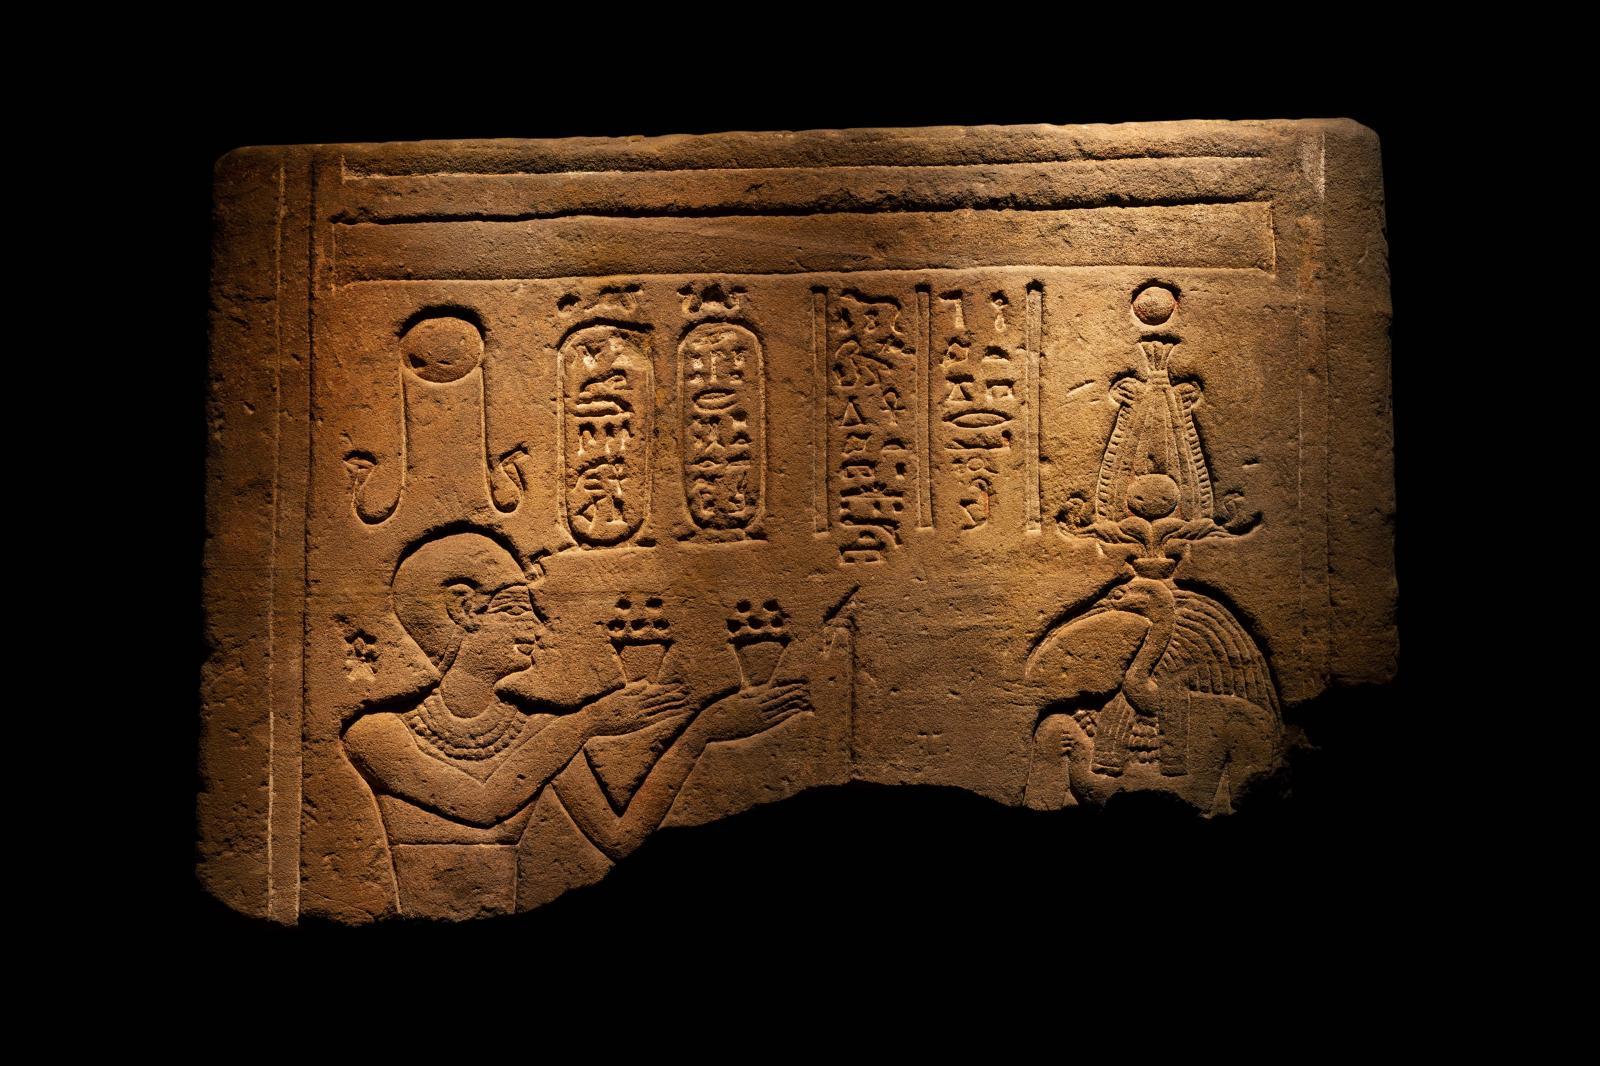 Égypte, dynastie lagide, règne de Ptolémée XII (80-51 av. J.-C.). Relief du temple du pharaon Ptolémée XII, grès, 78 x 52cm. J. Bagot Arqueología S.L